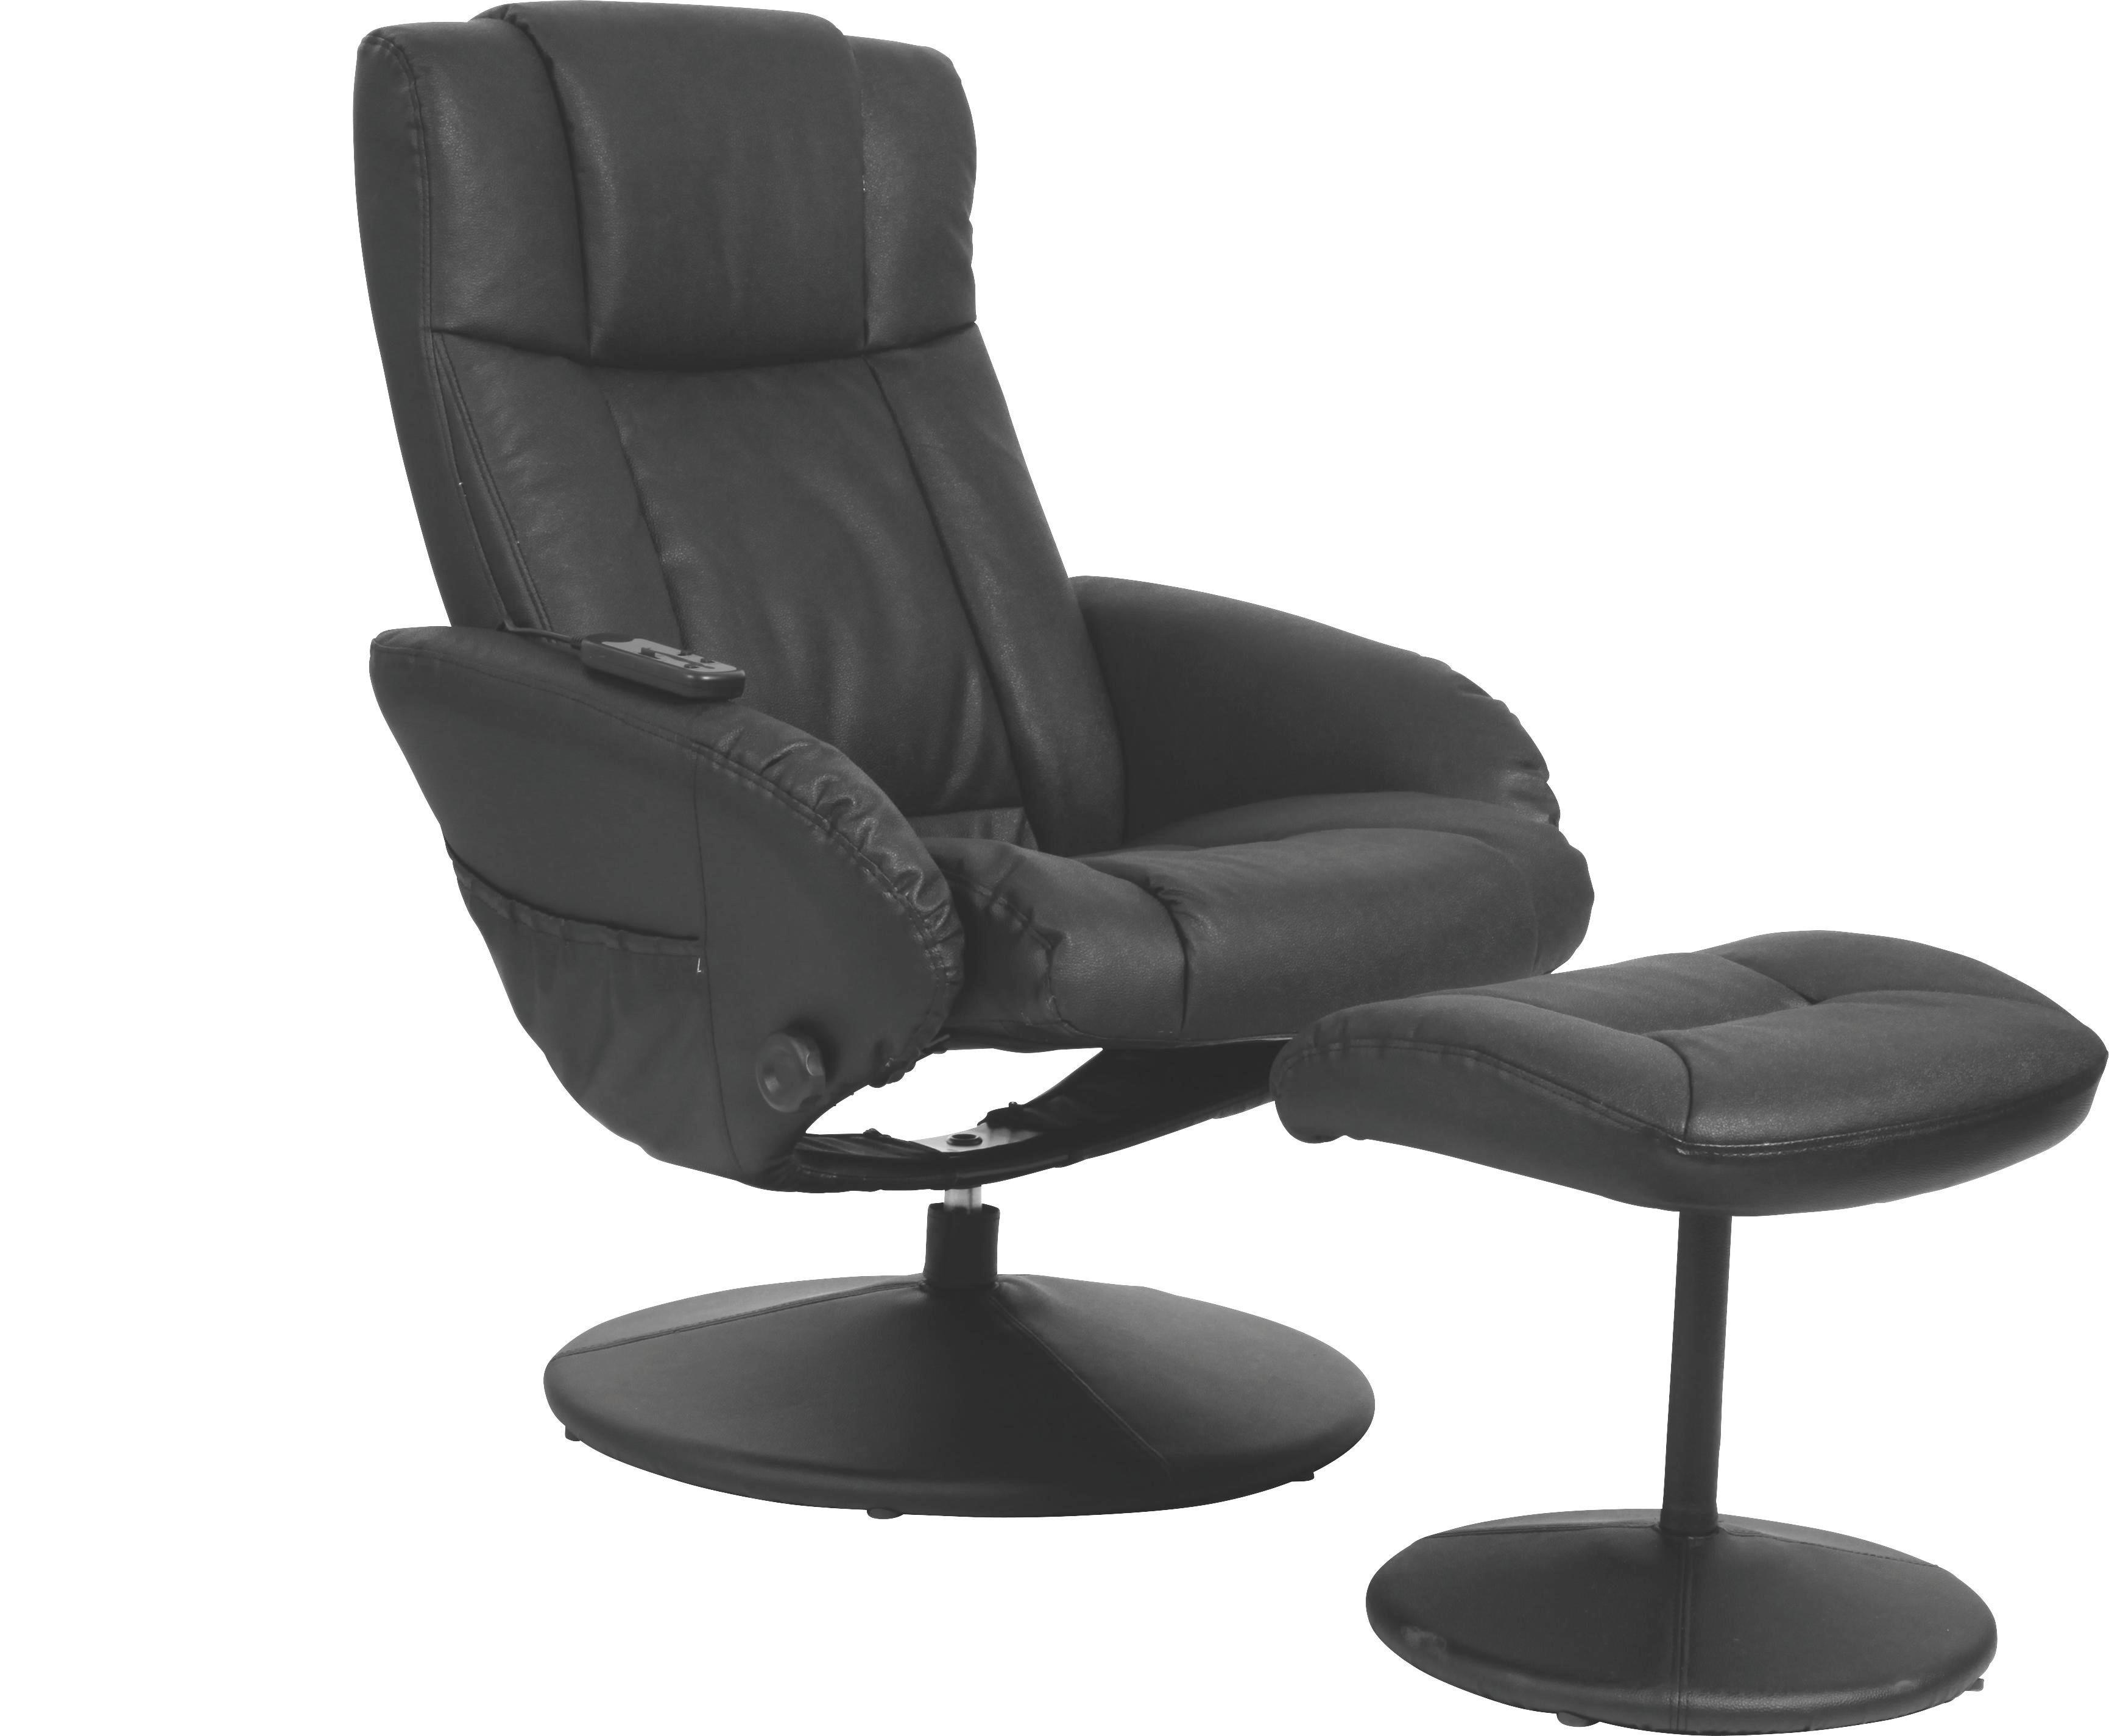 Relaxsessel mit liegefunktion  Fernseh- und Relaxsessel für pure Entspannung | XXXLutz